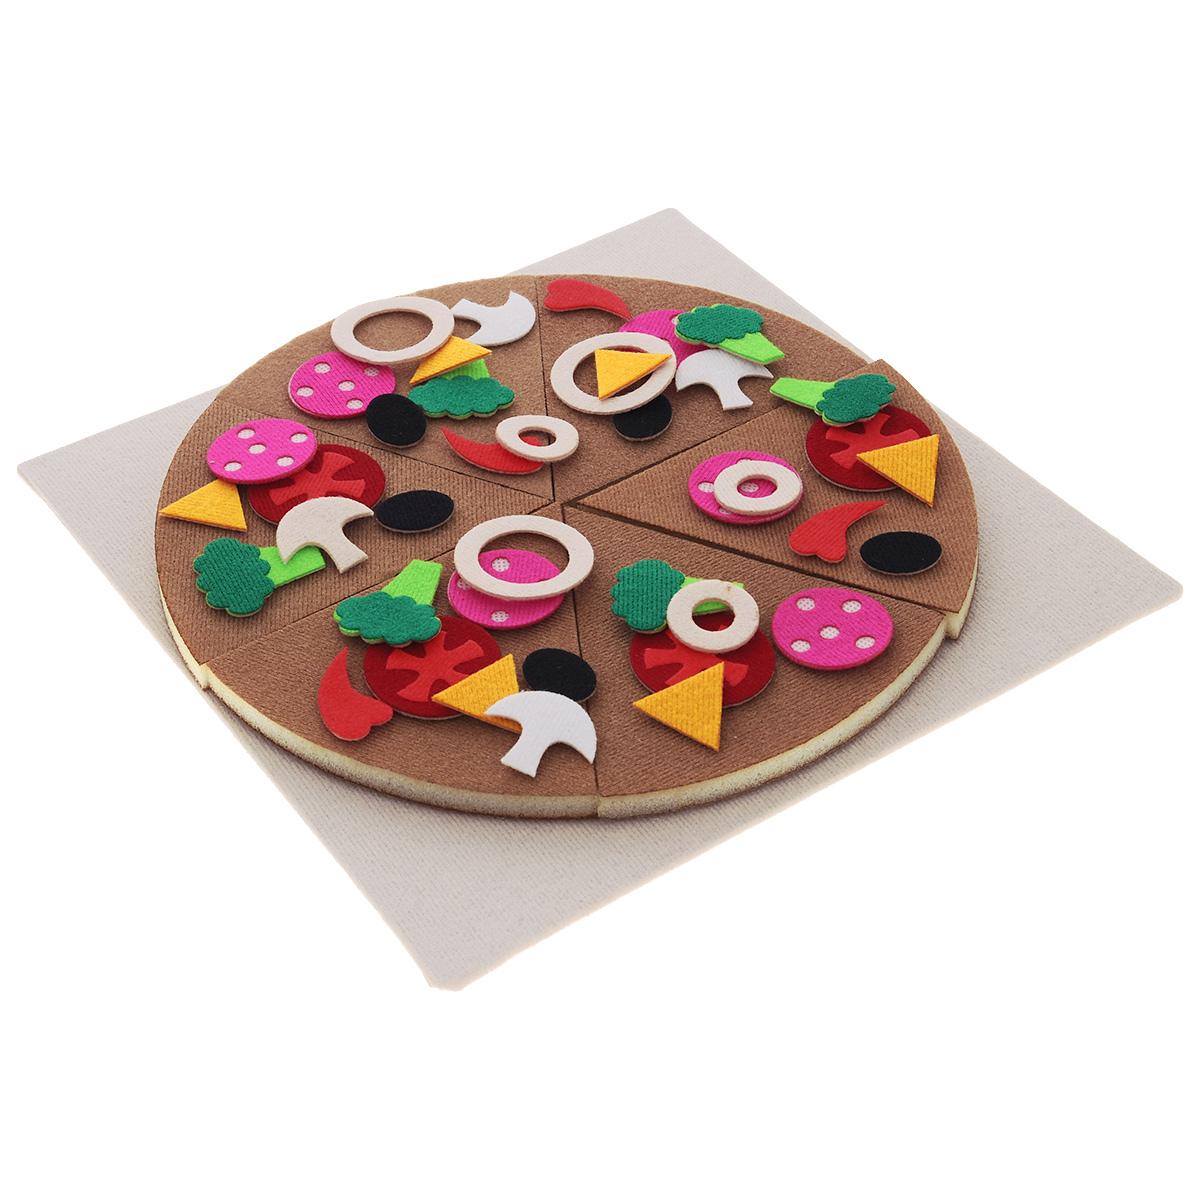 Stigis Обучающая игра Математическая пицца, Стигис